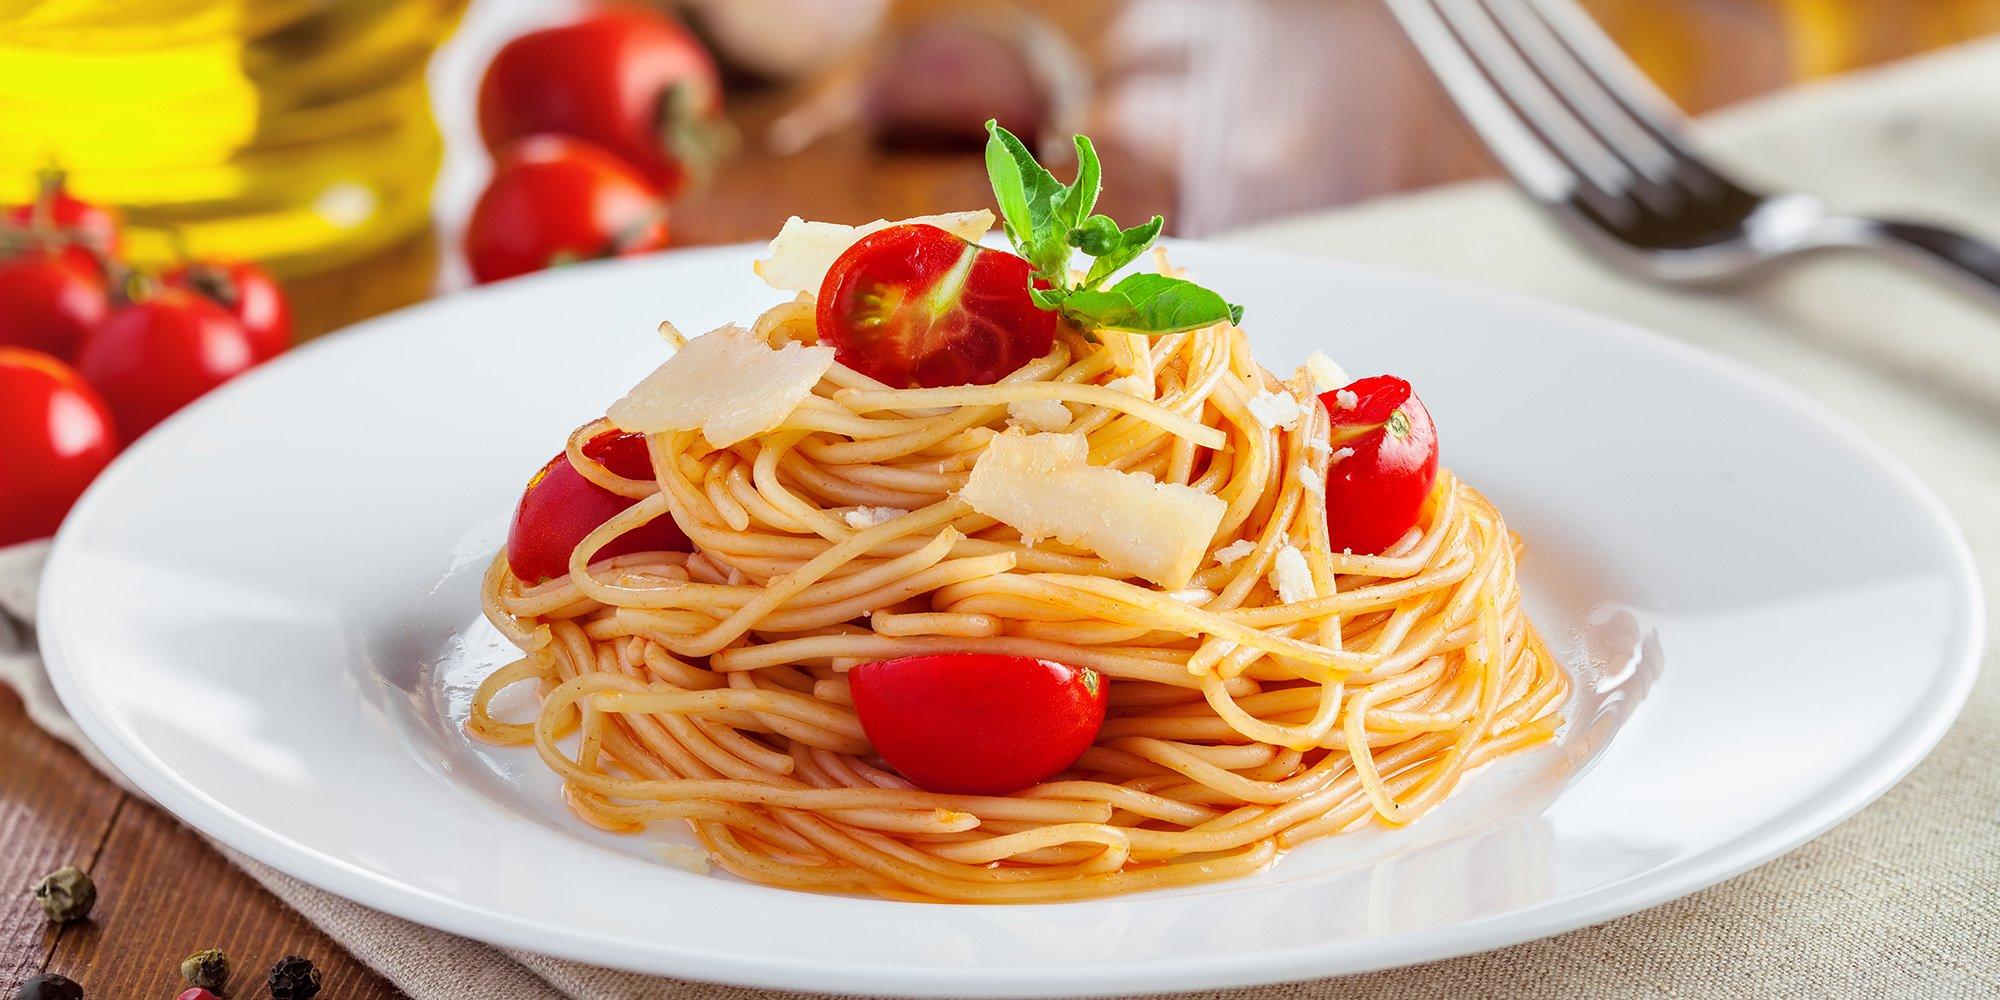 Spaghetti con pomodori